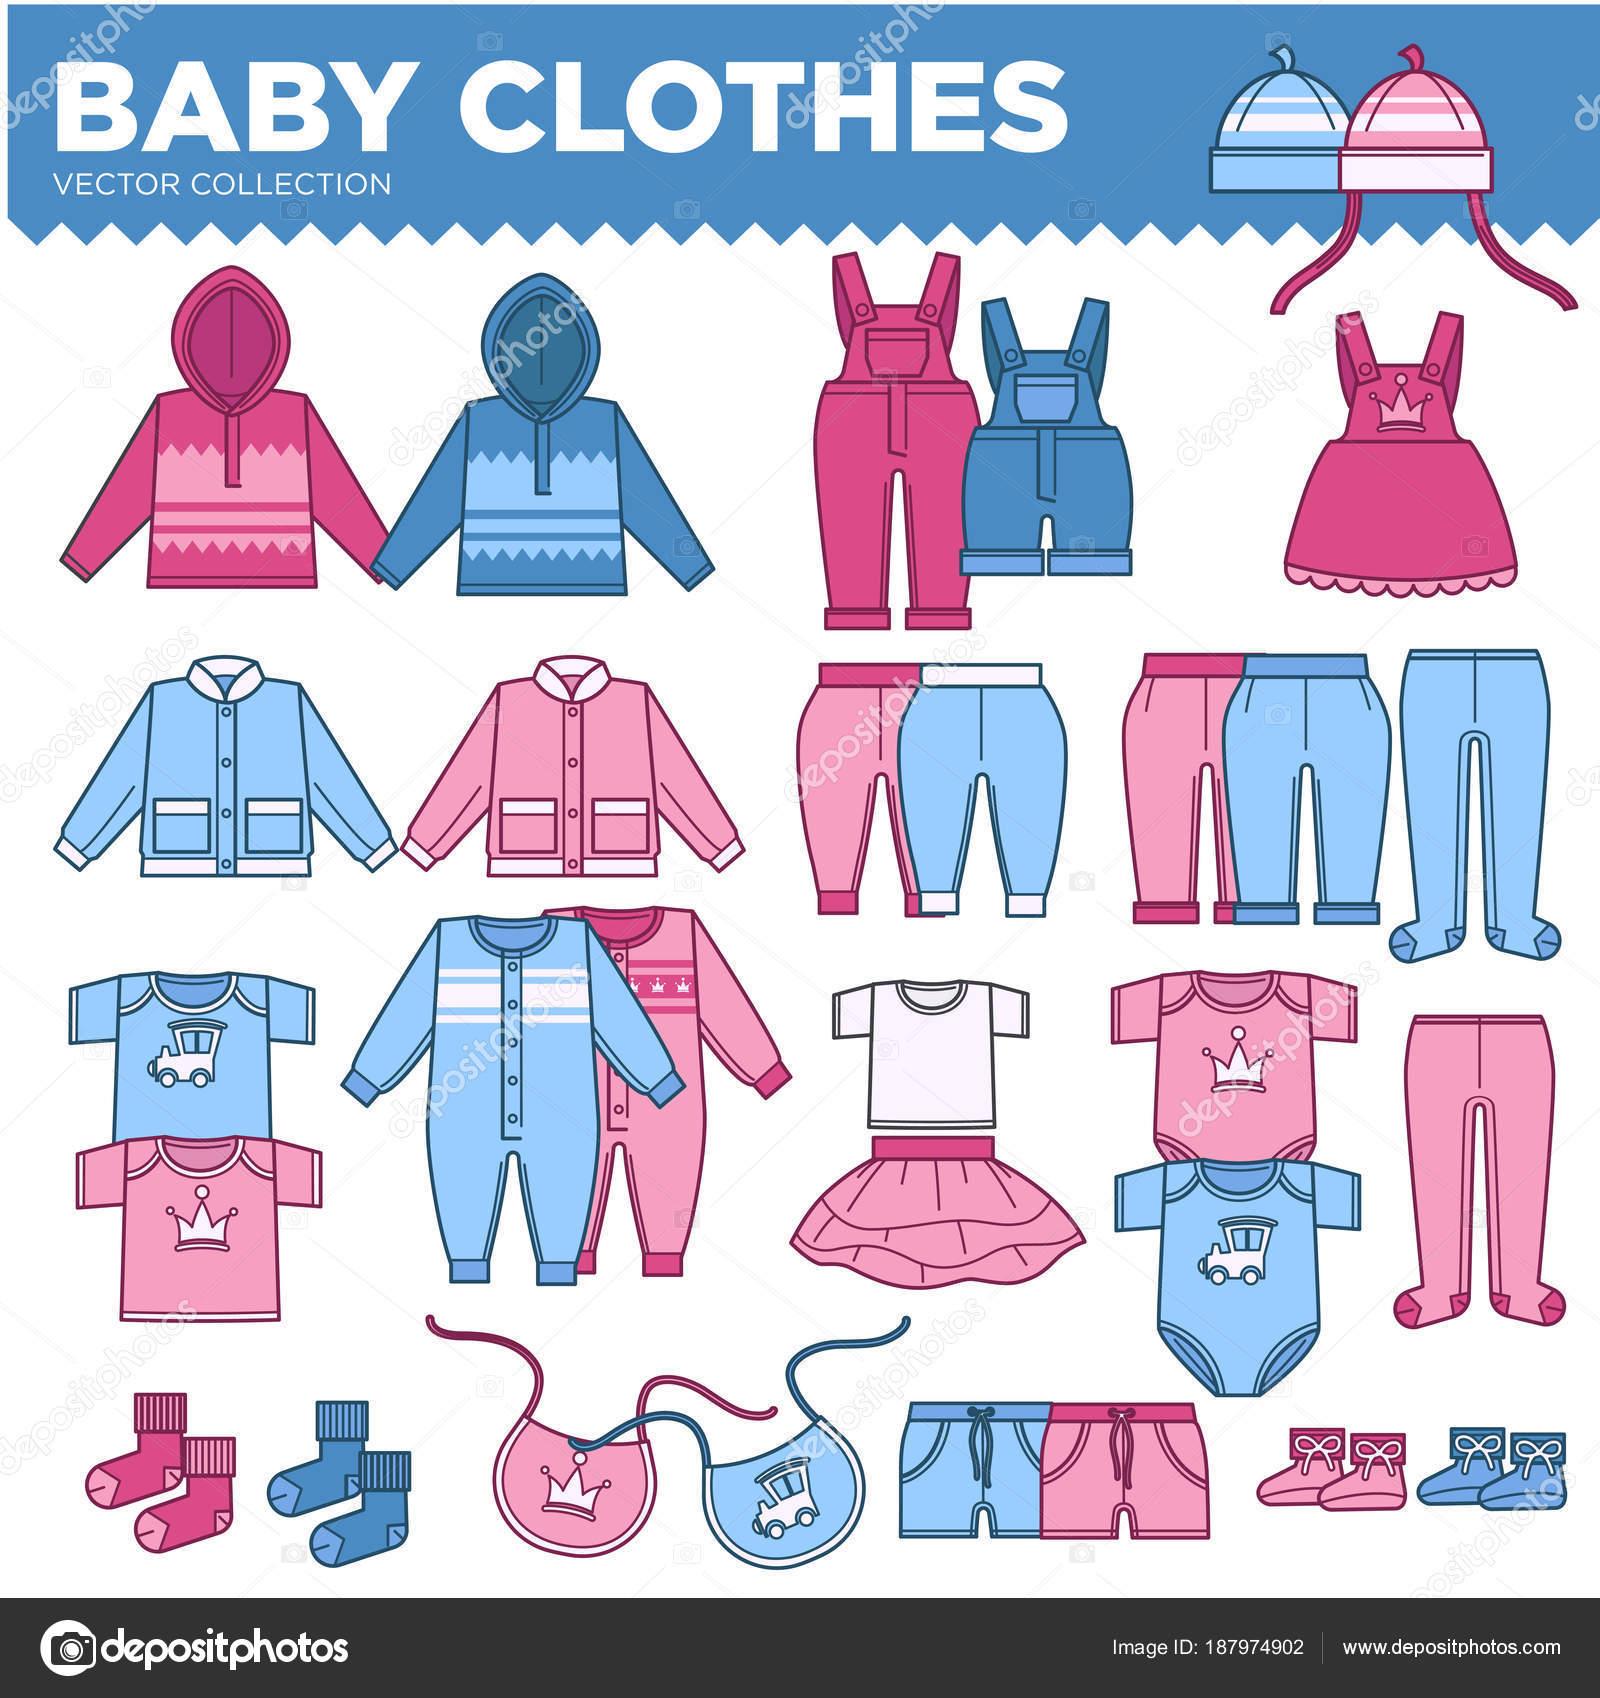 1bae077b0daa Ropa de bebé para pequeña colección de niños y niñas. Vestidos cálidos  suéteres, Mono lindo, elegante, convenientes rastreadores y pantalones  casuales ...